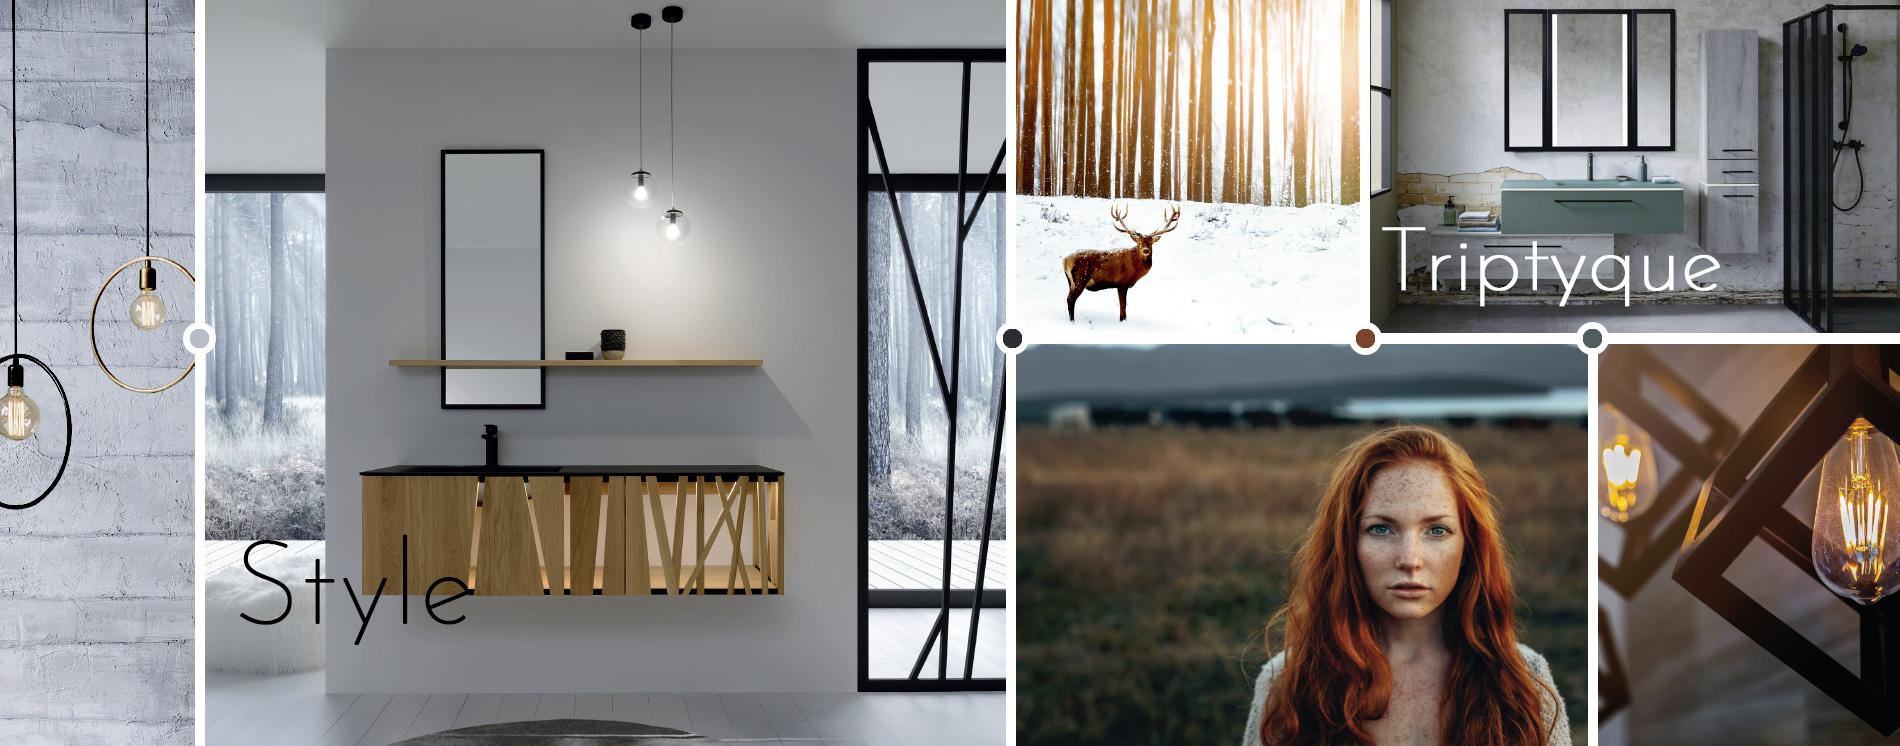 Miroirs Triptyque, Dock et Style